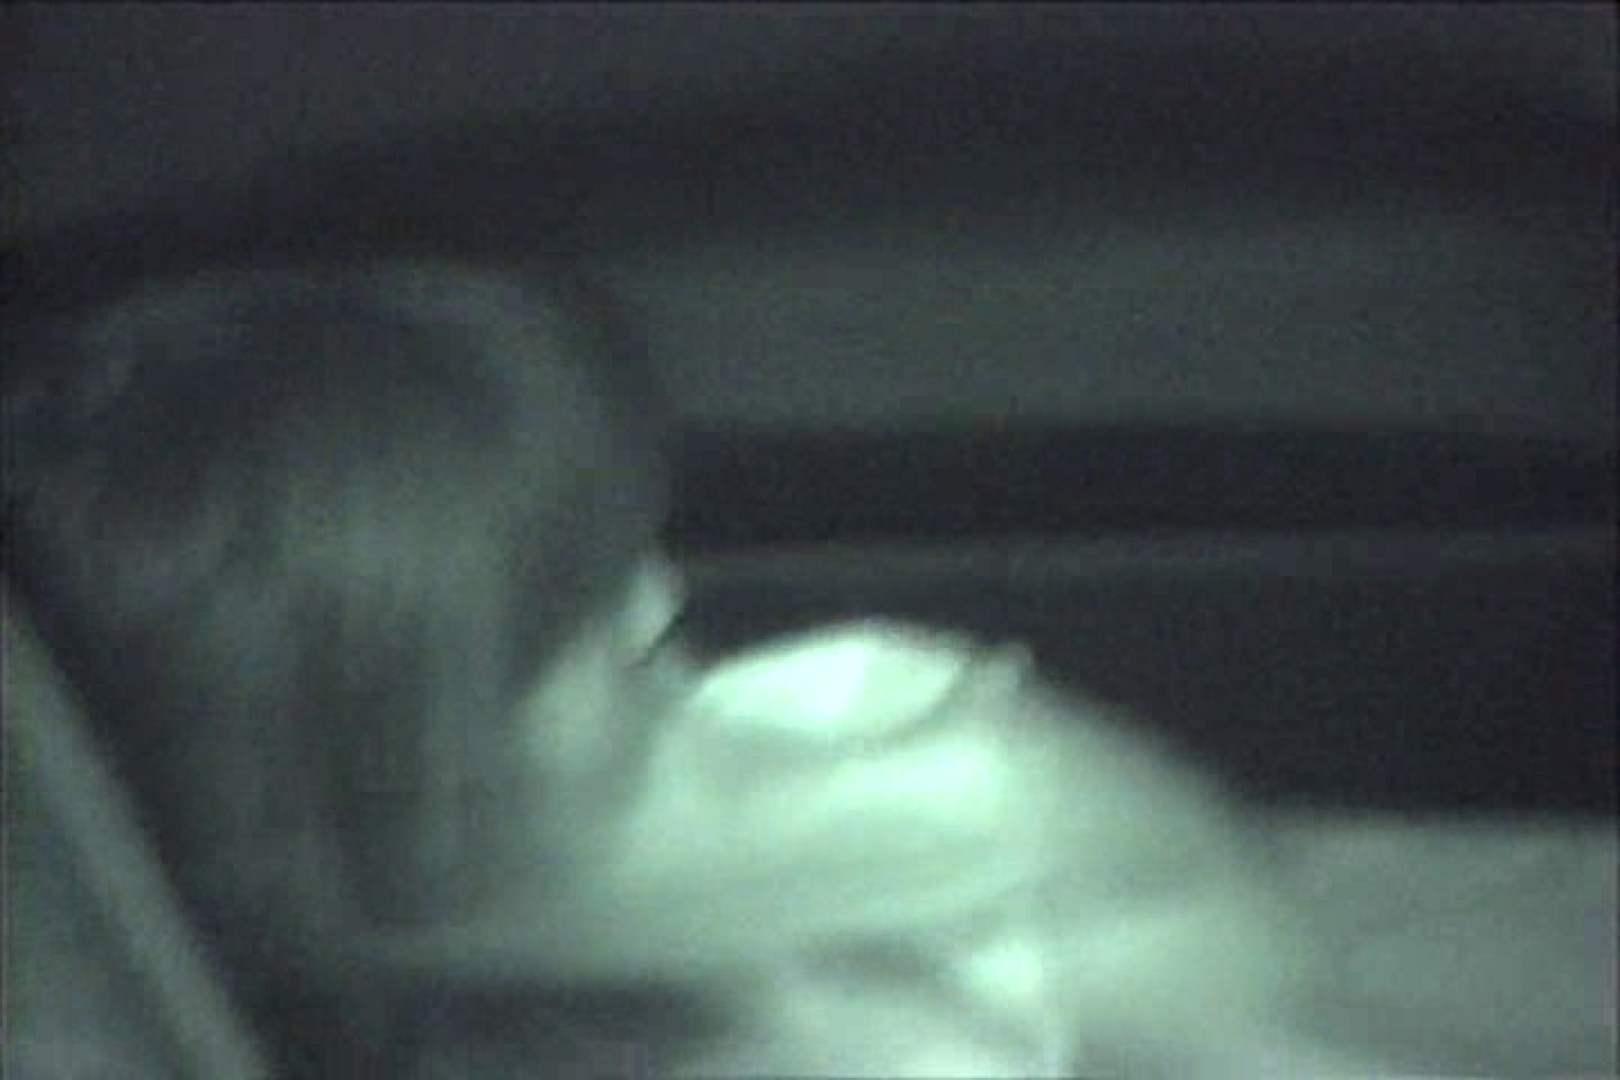 車の中はラブホテル 無修正版  Vol.17 ホテル   赤外線  104連発 103